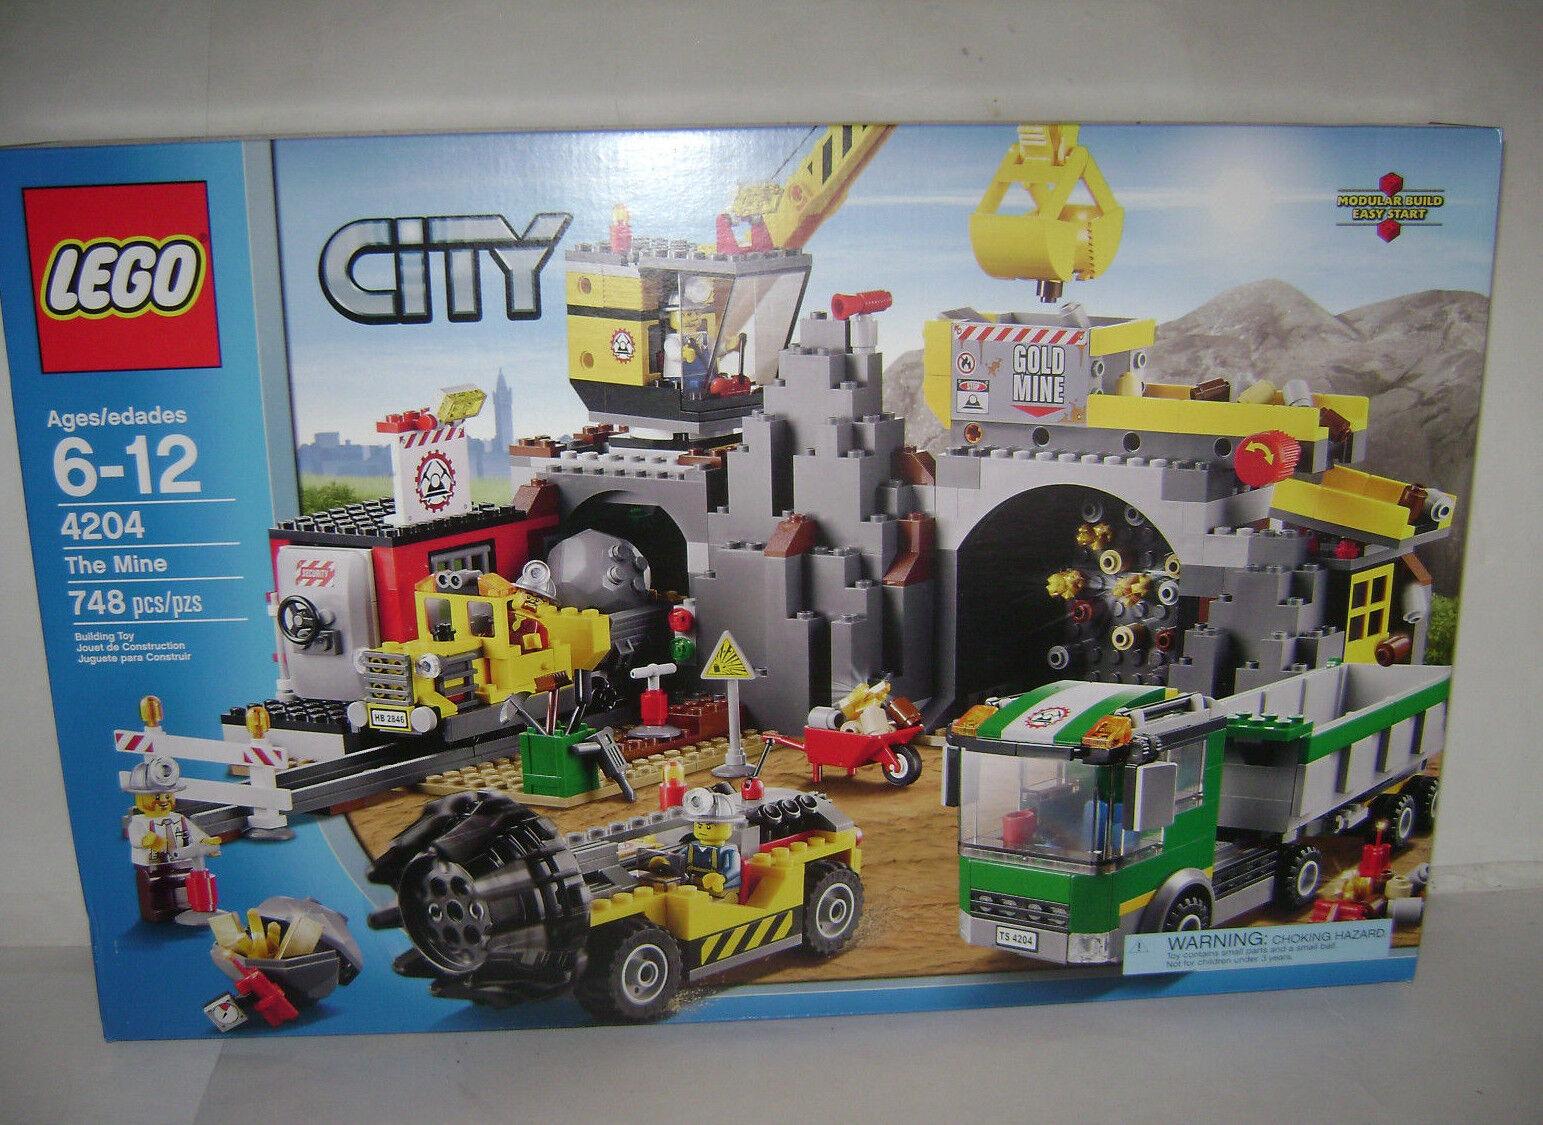 Nouveau 4204 LEGO City La Mine Building Toy Boîte Scellée RETRAITÉ RARE un